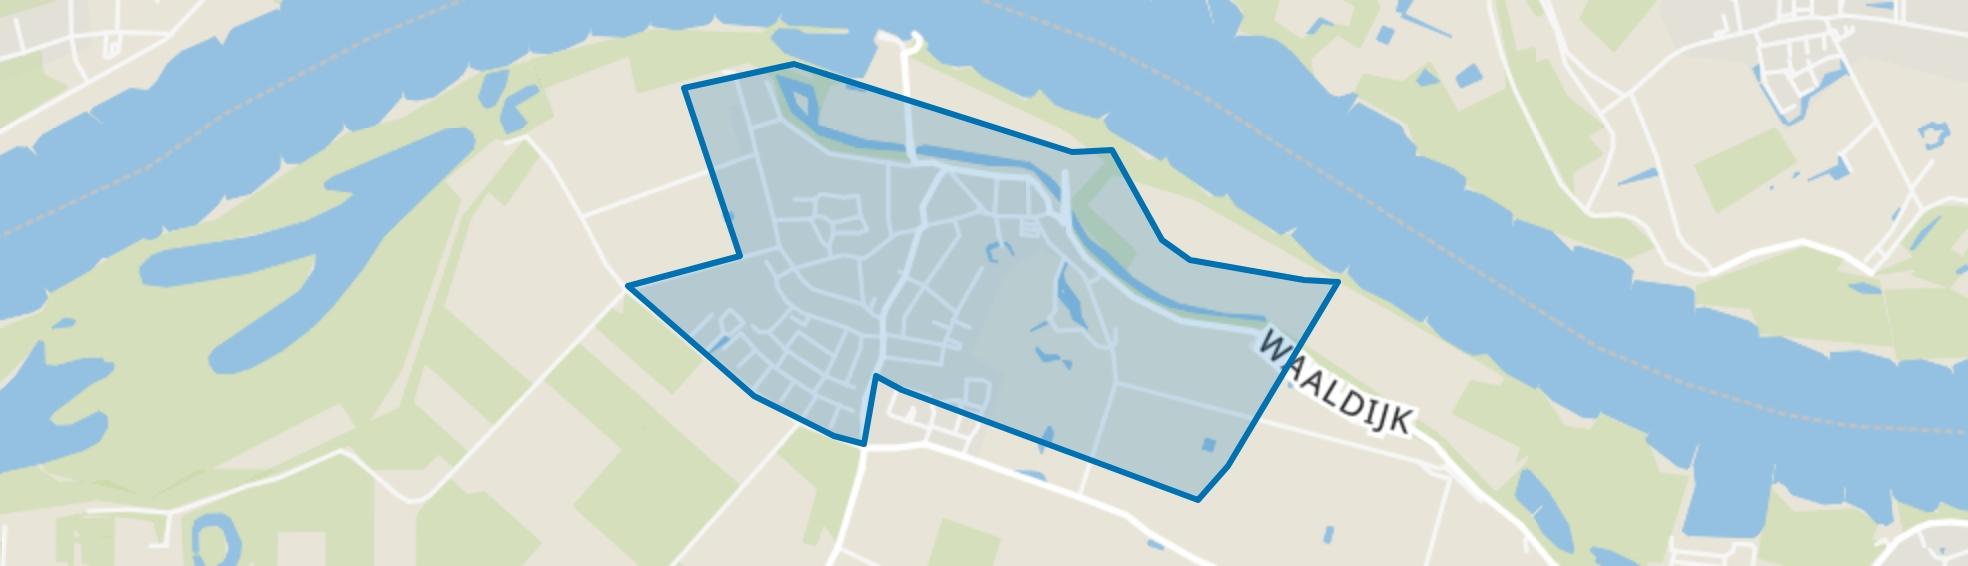 Brakel, Brakel map